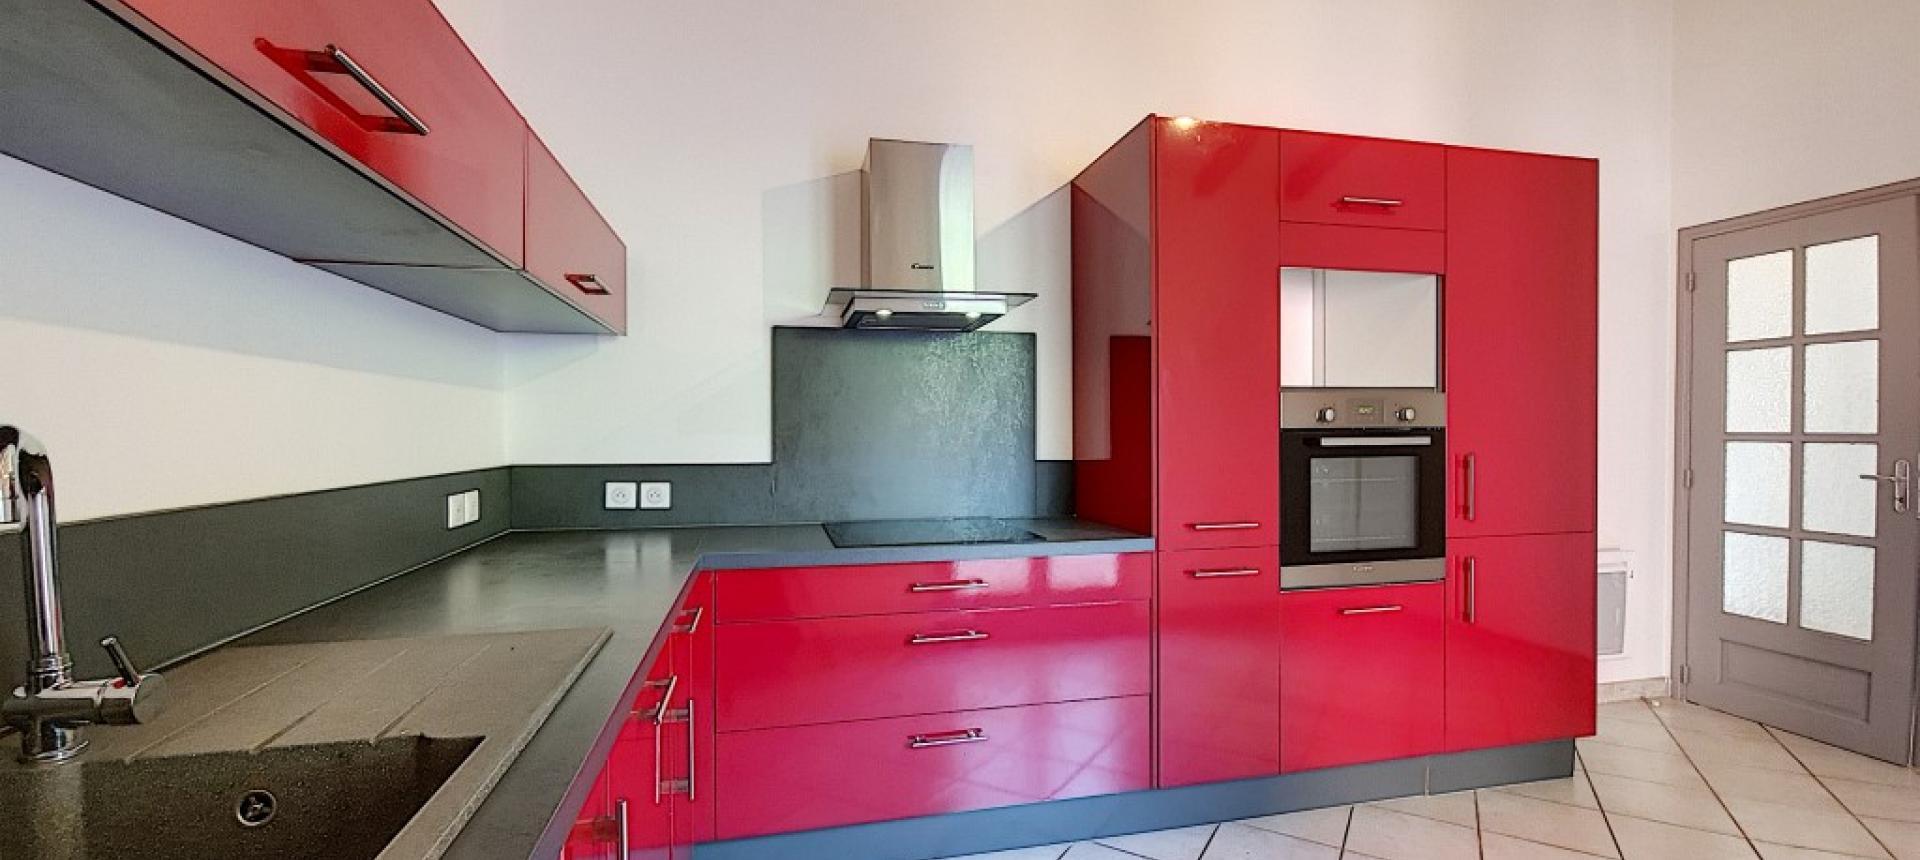 Villa F4 à louer avec jardin et terrasse à Bastelicaccia cuisine